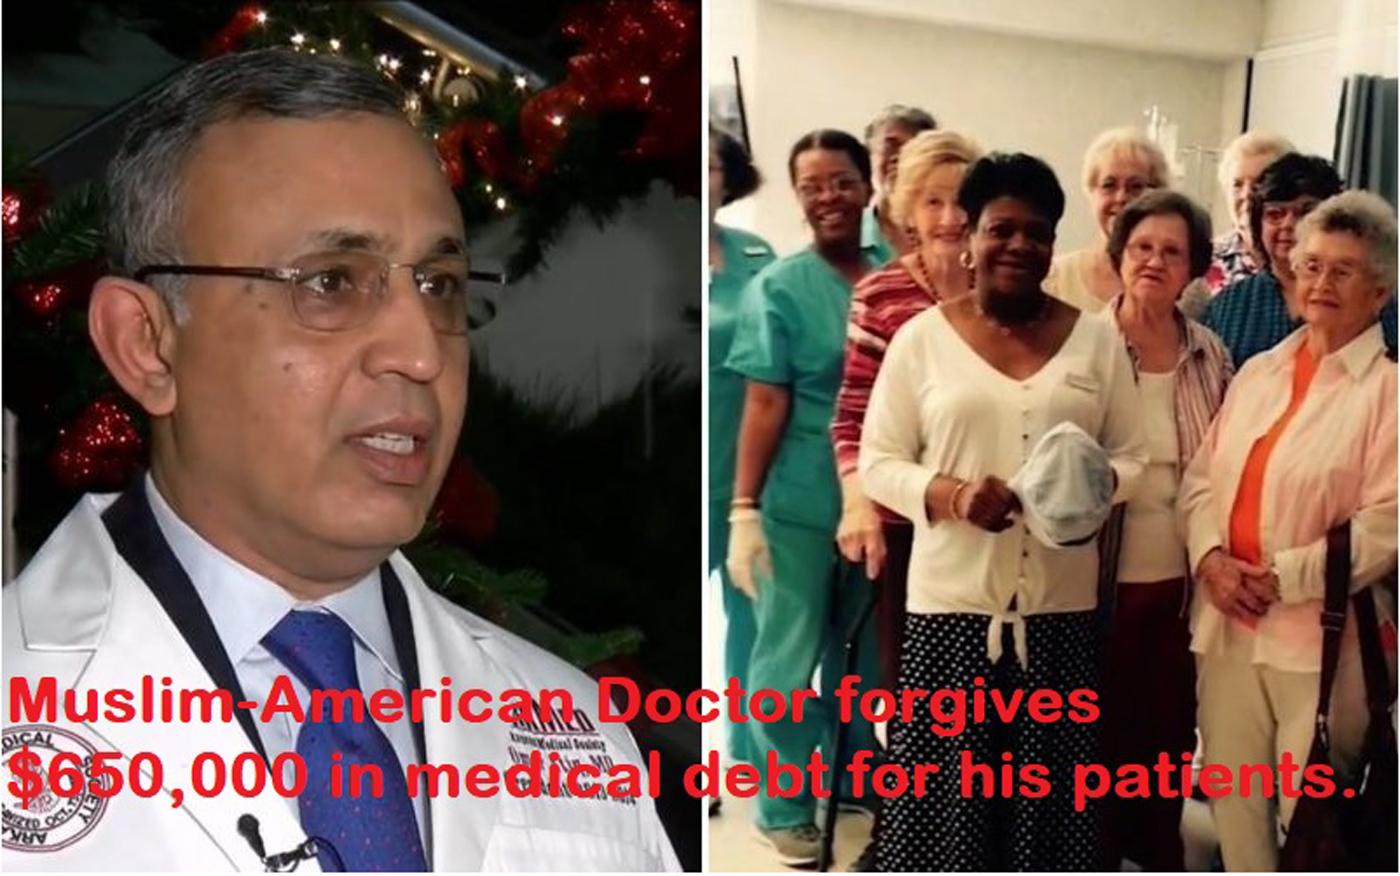 अमेरिकन मुस्लिम डॉक्टर ने अपने कैंसर मरीज़ों के $650,000 डॉलर के बिल माफ़ किये।